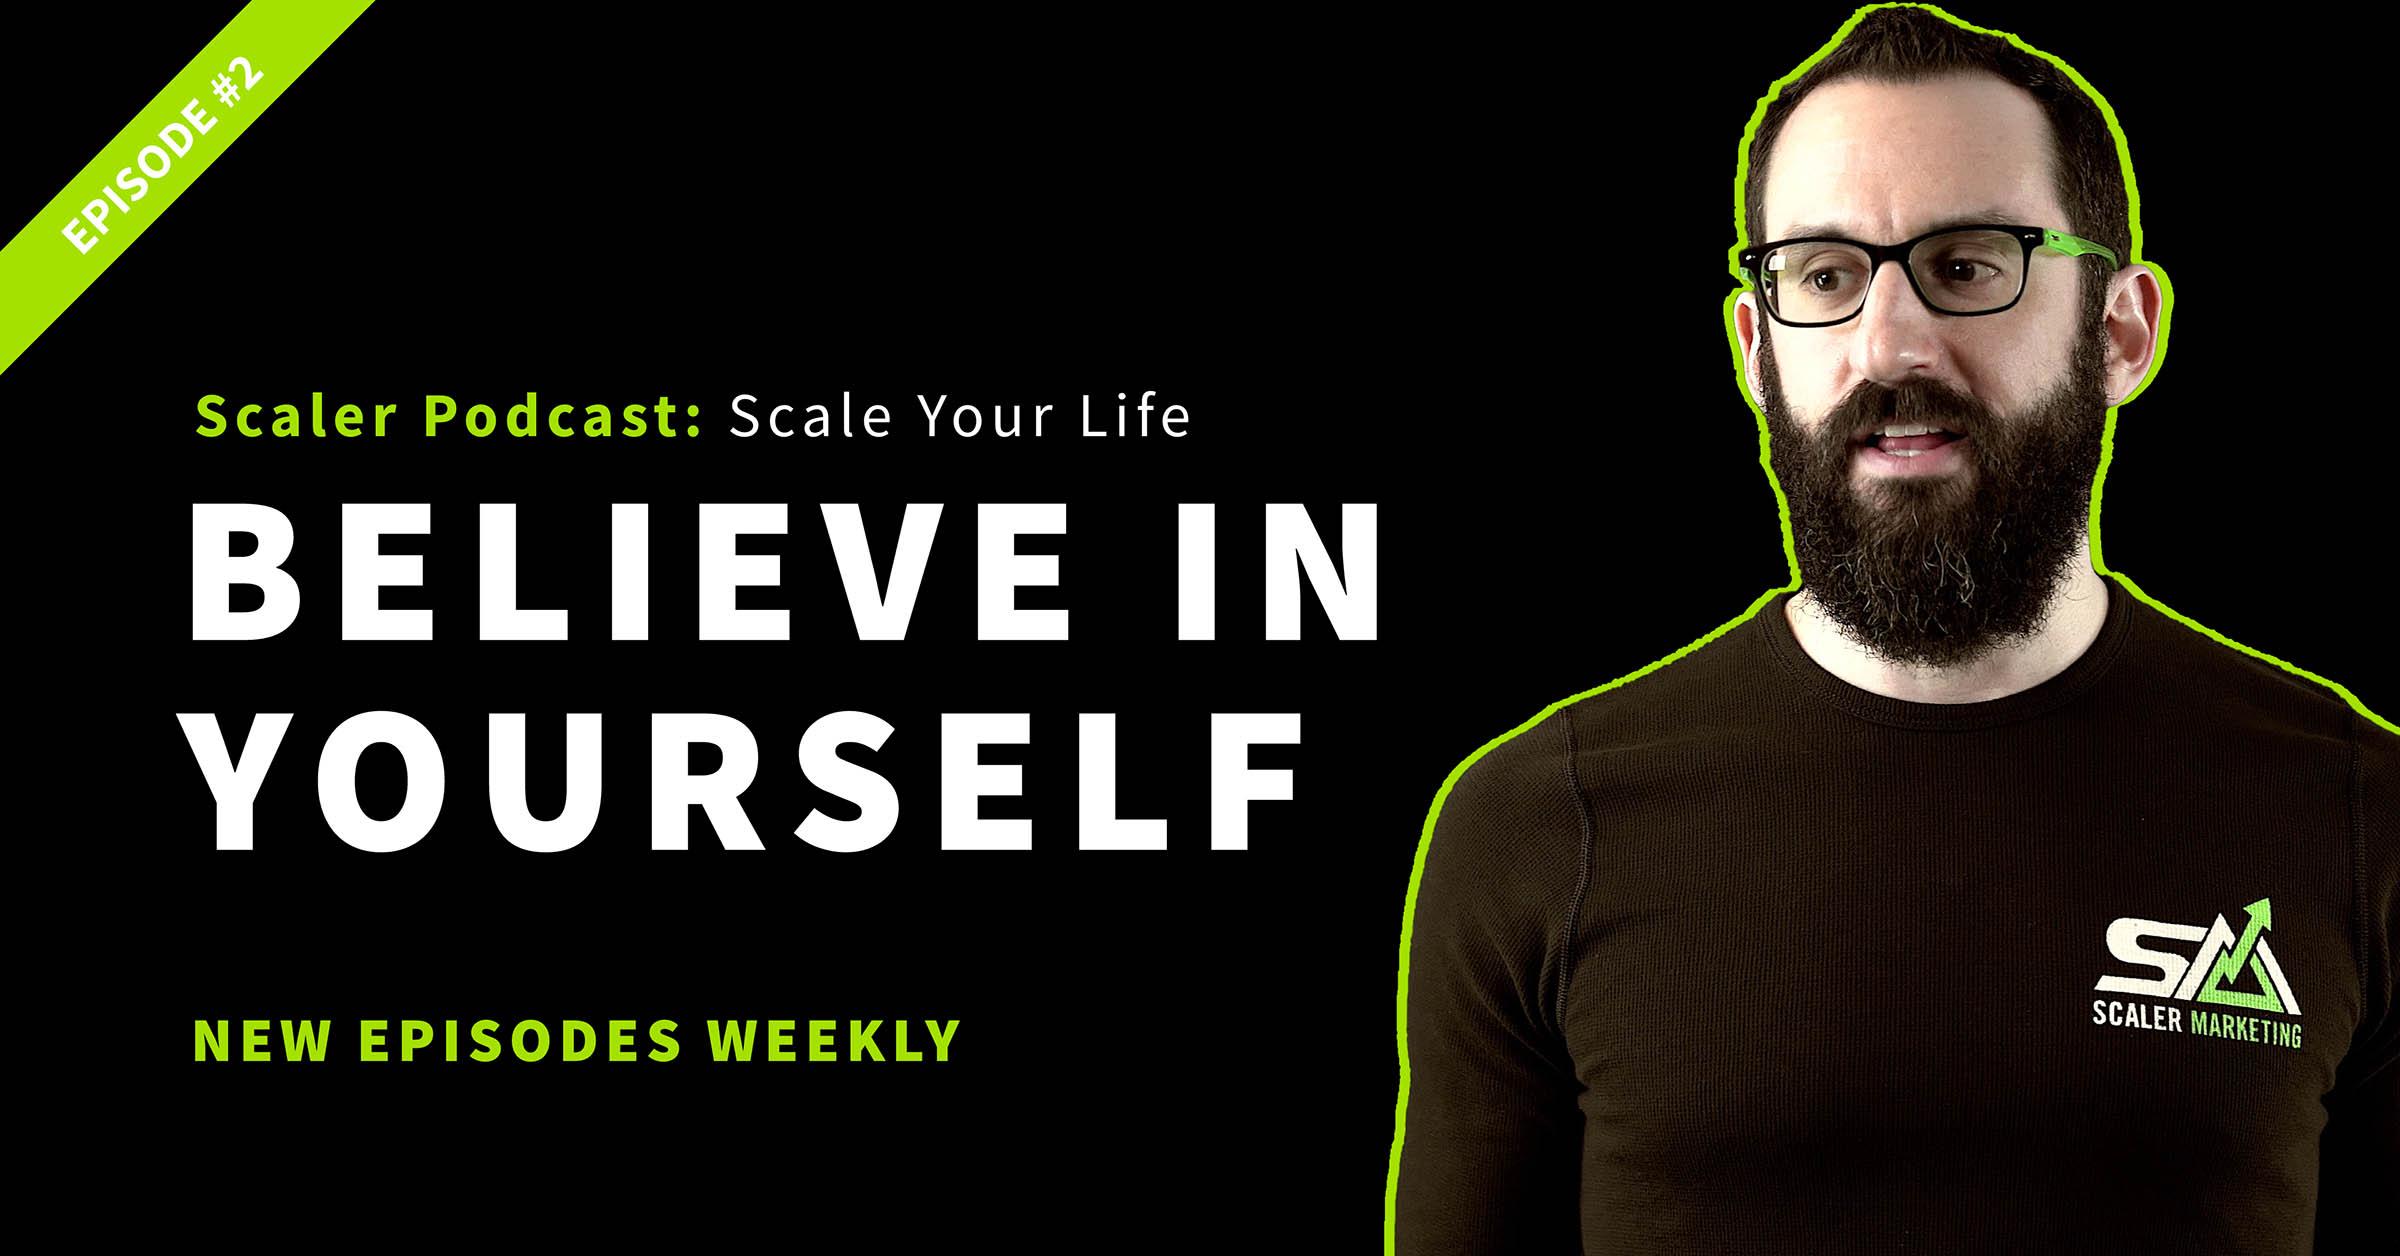 Episode 2 - Believe In Yourself